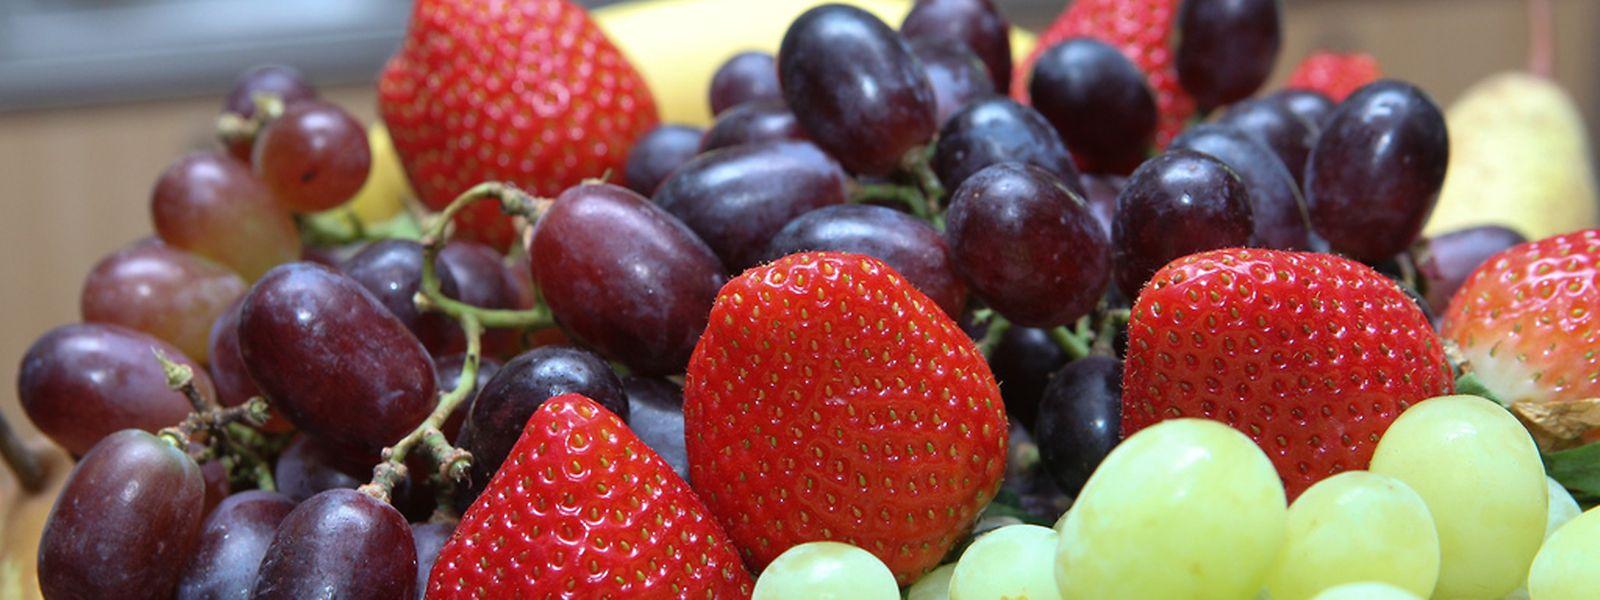 Haben Sie eine Fructose-Unverträglichkeit? Ein Test in den eigenen vier Wänden kann erste Hinweise geben.